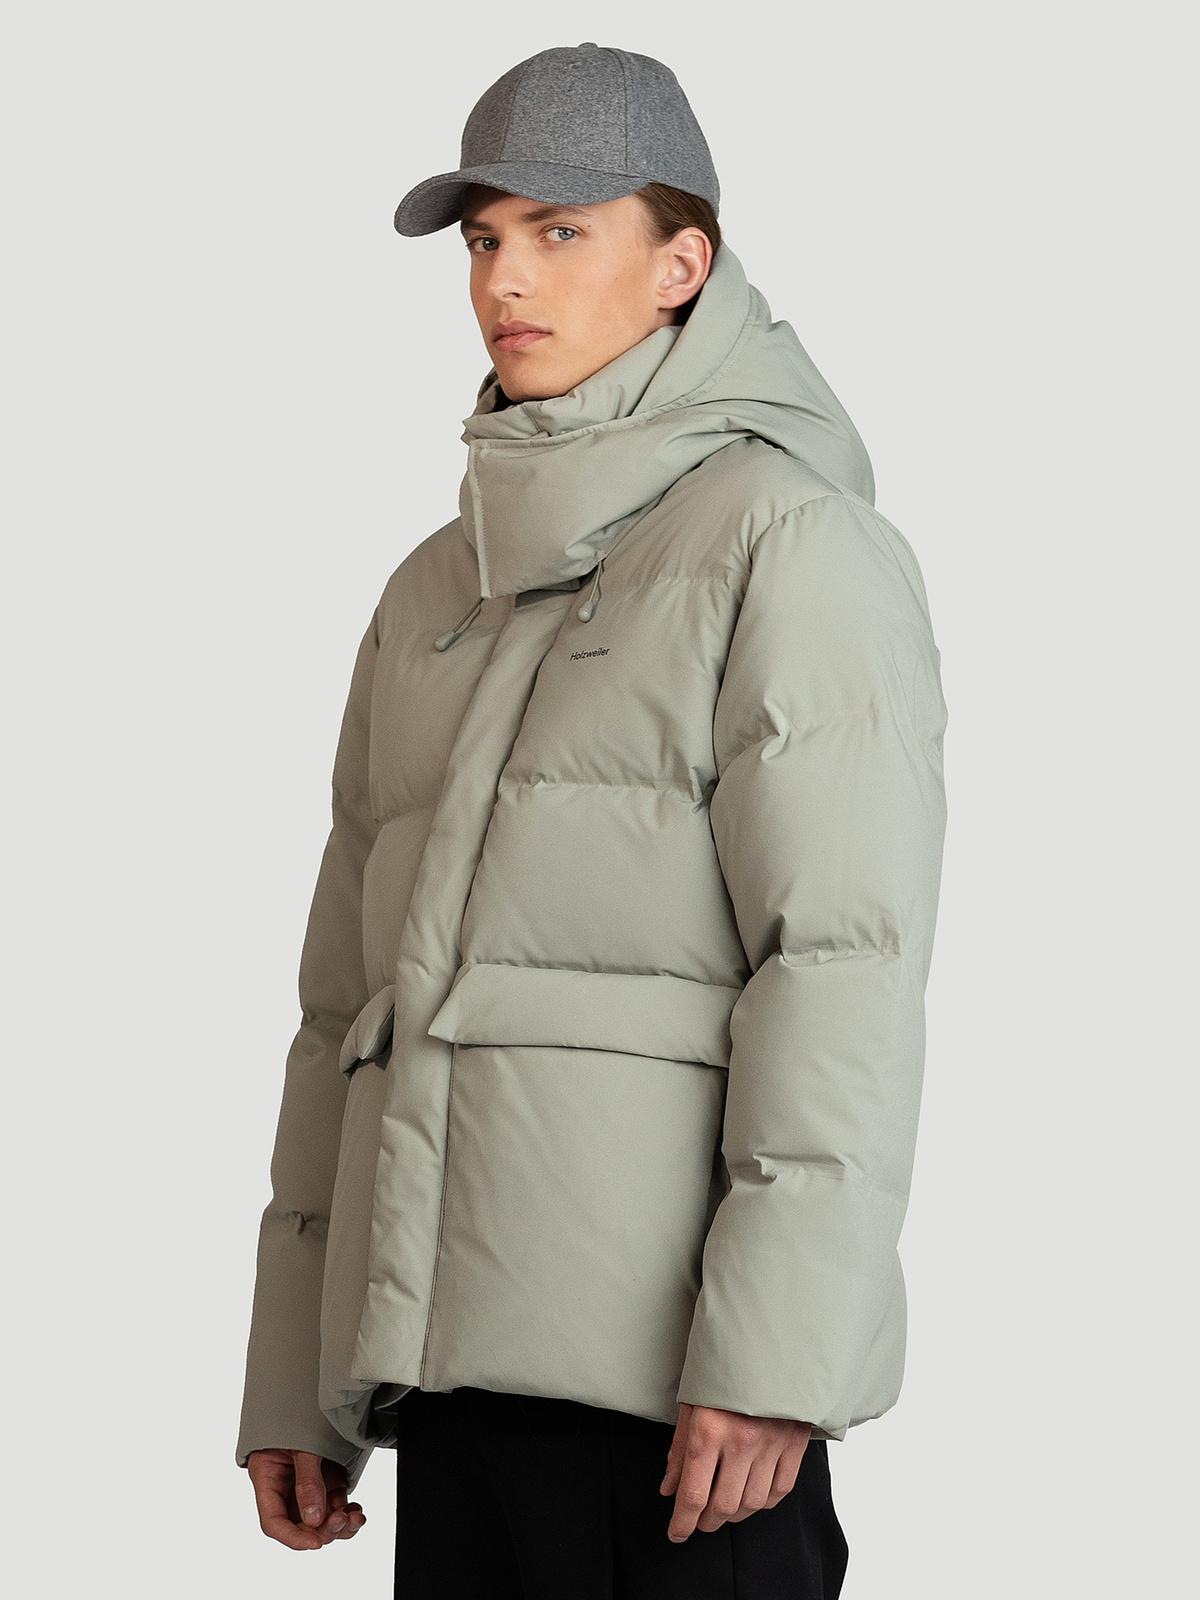 Dovre Down Jacket  Teal 5